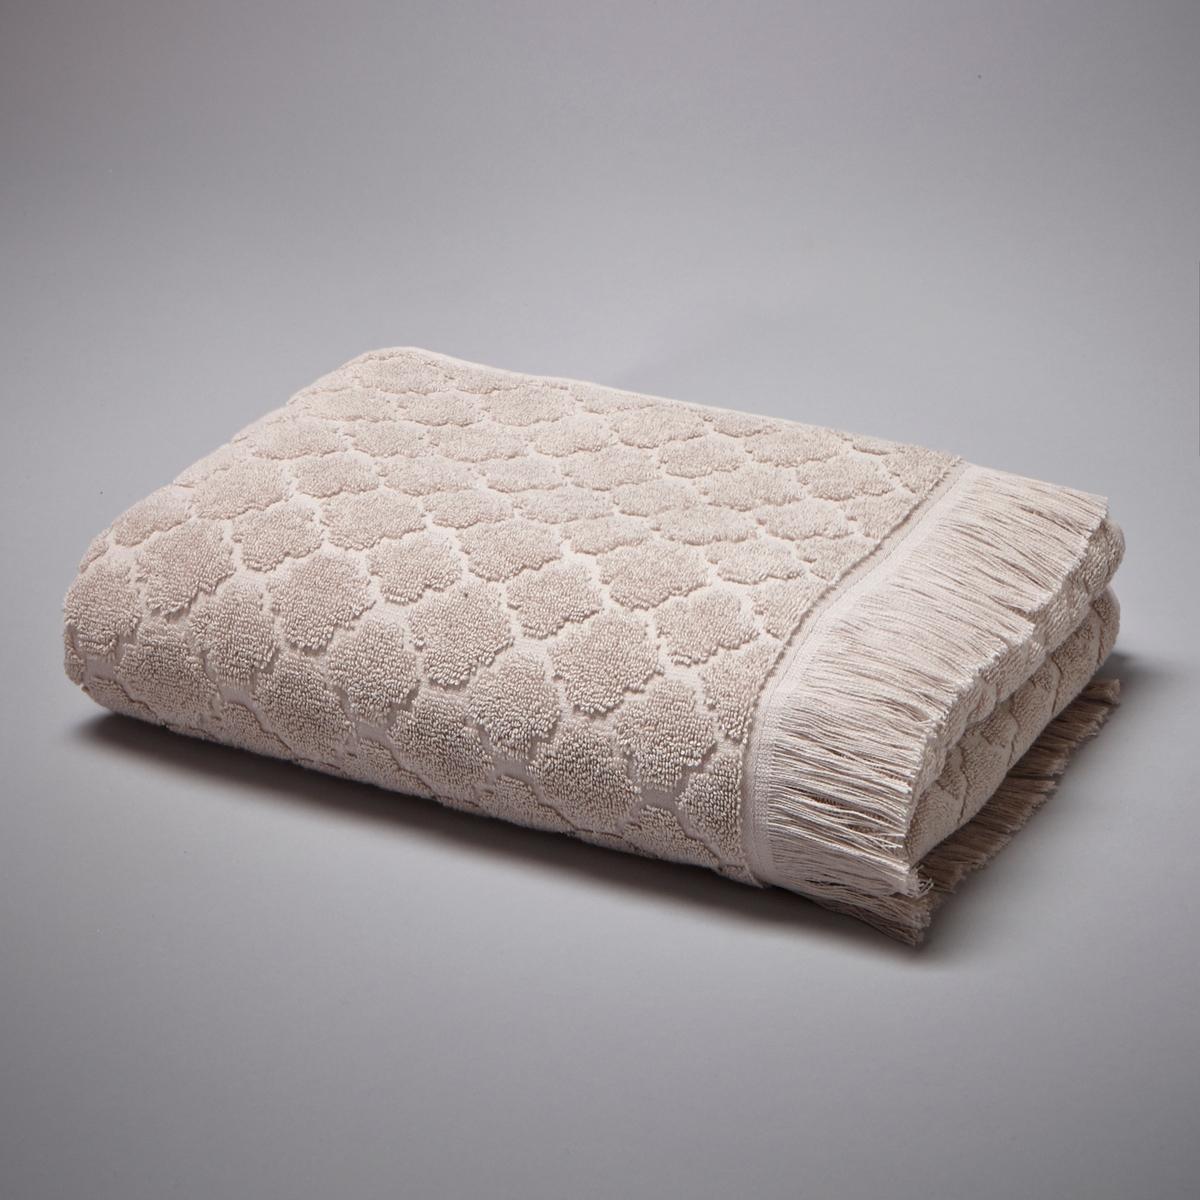 Полотенце АЛЖЮСТРЕЛЬ, 100% хлопкаЖаккардовое полотенце, 100% хлопка, 500 г/м?, выстриженные мотивы в восточном стиле. Отделка бахромой.Мягкая, нежная, впитывающая махровая ткань, стирка при 60°.Размеры полотенца: 50 x 100 см.<br><br>Цвет: бежевый песочный,розовое дерево,серо-синий,экрю<br>Размер: 50 x 100 см.50 x 100 см